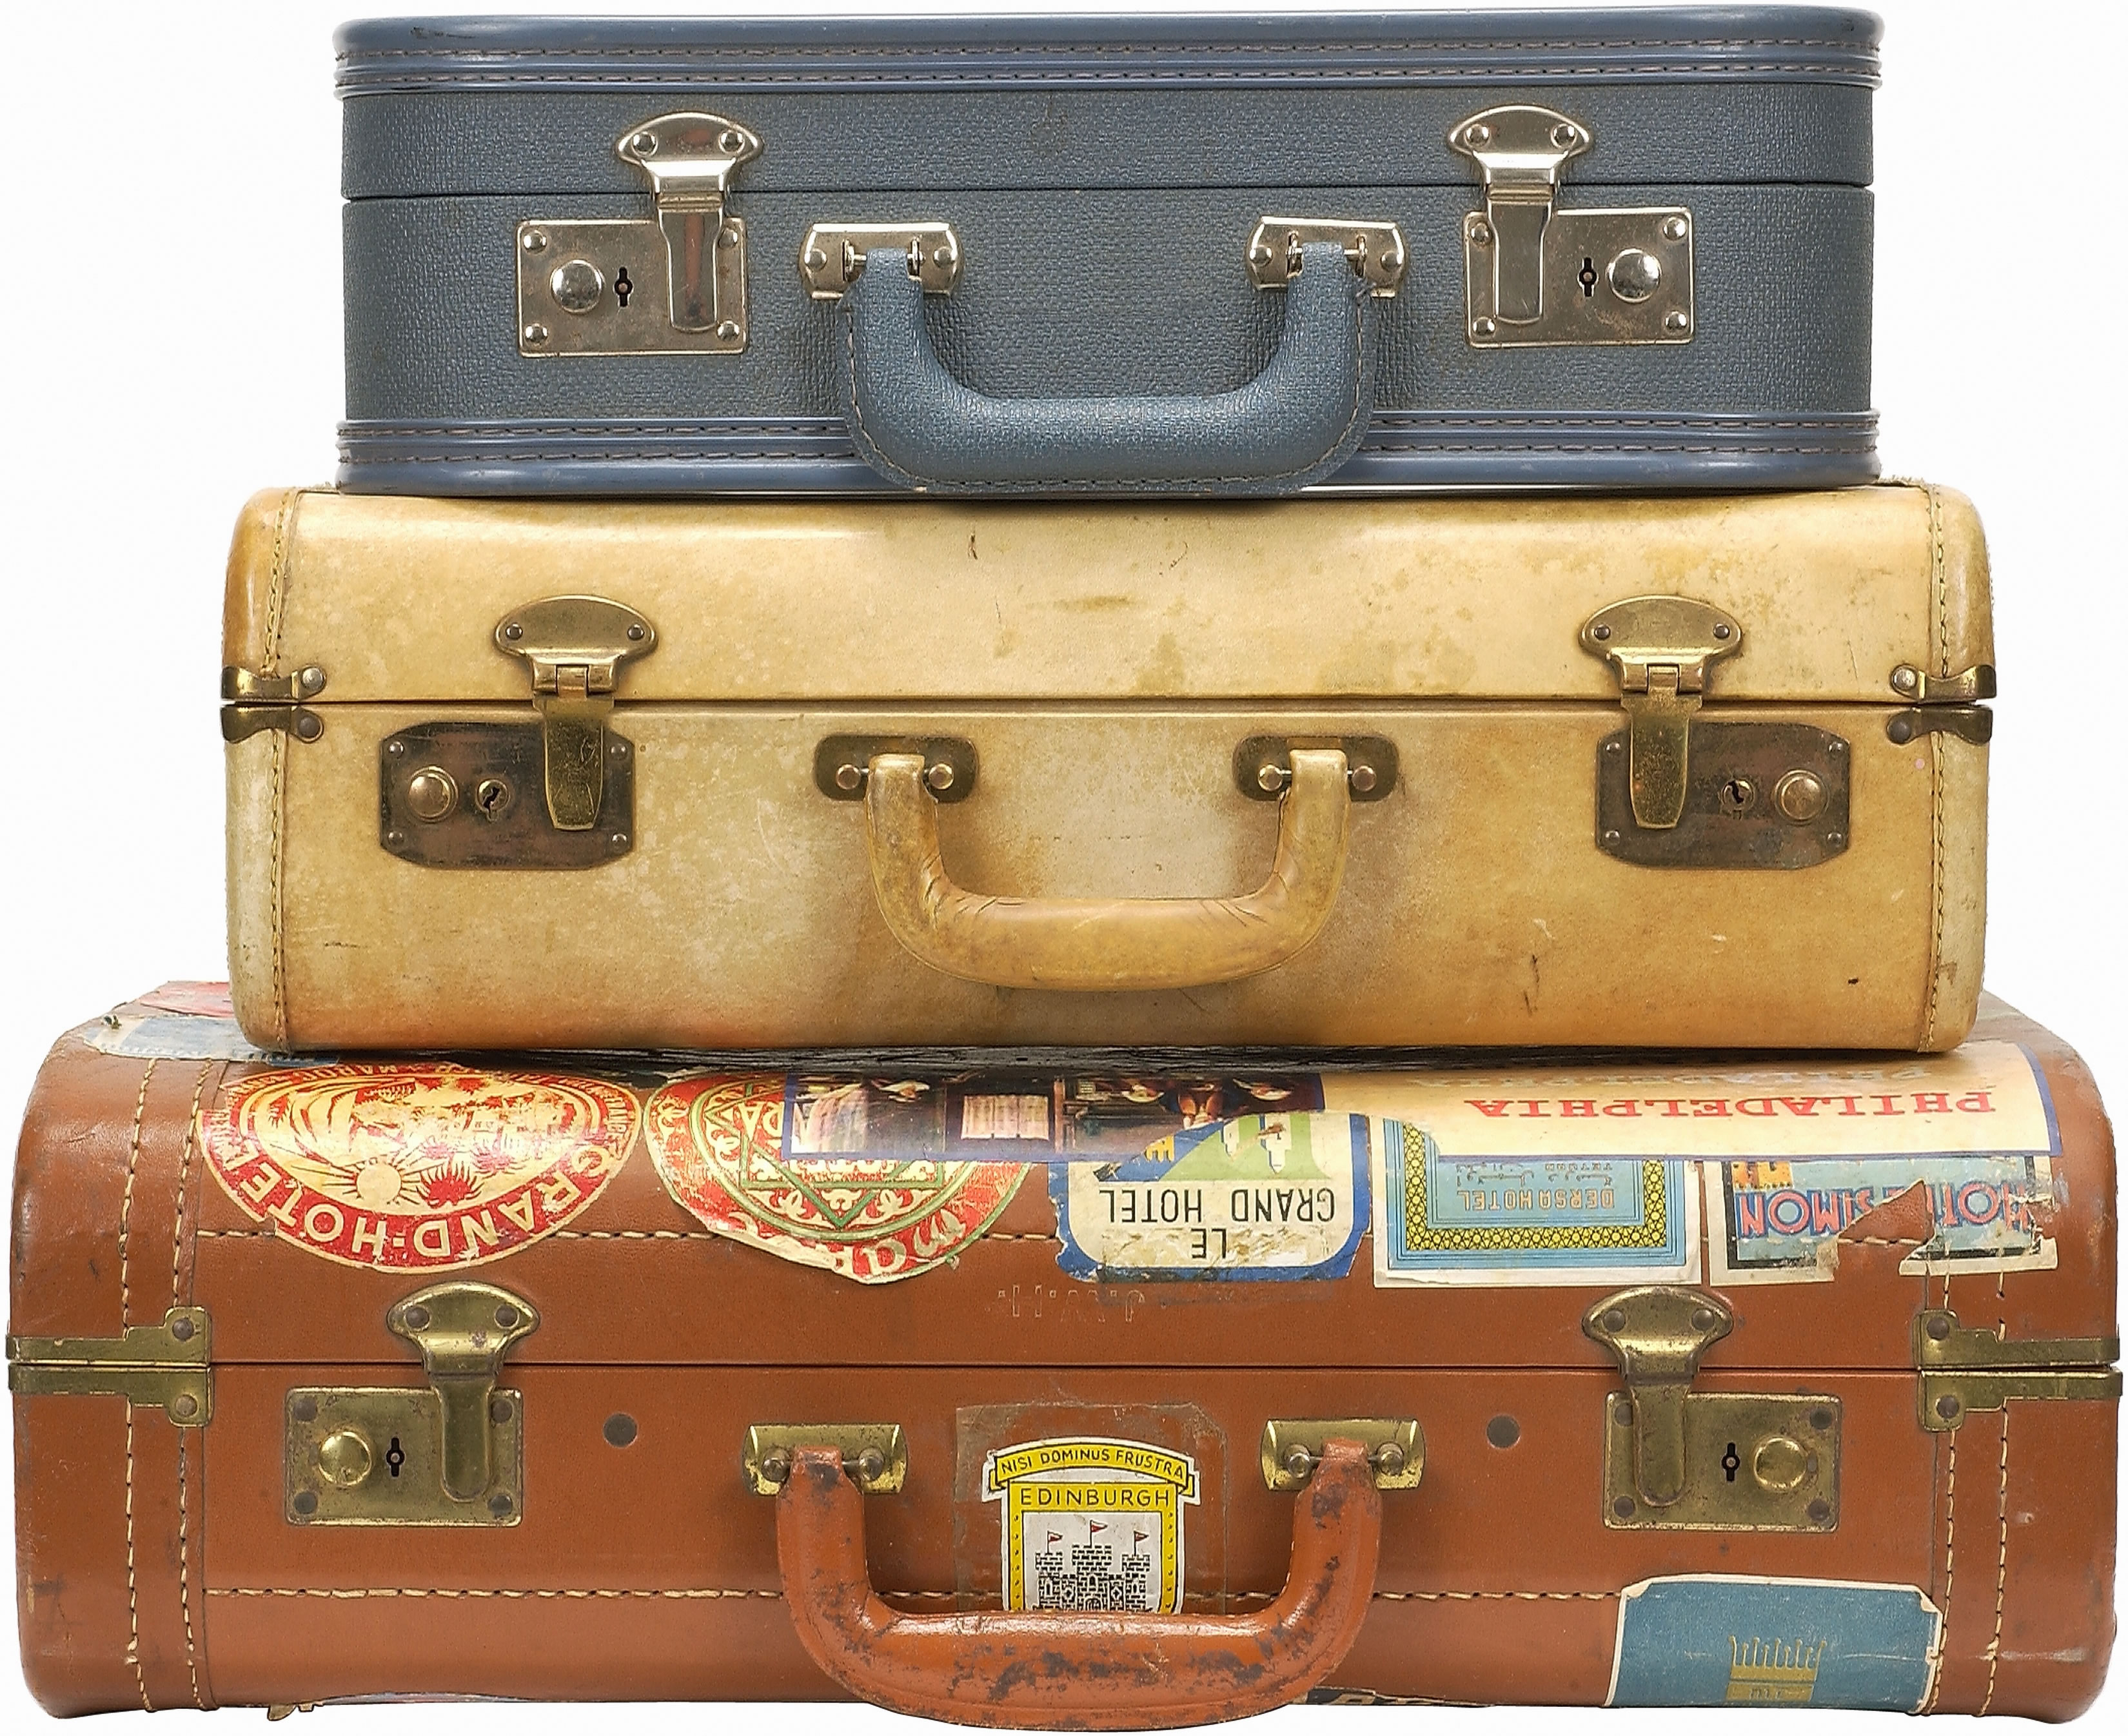 valises-anciennes-antique-retro-solutions-rangement-bas-prix-economique-maison-organisation-decorer_deco_idees_trucs_conseils_comment_decoration_interieure_design_interieur_ameublement_quebec_canada